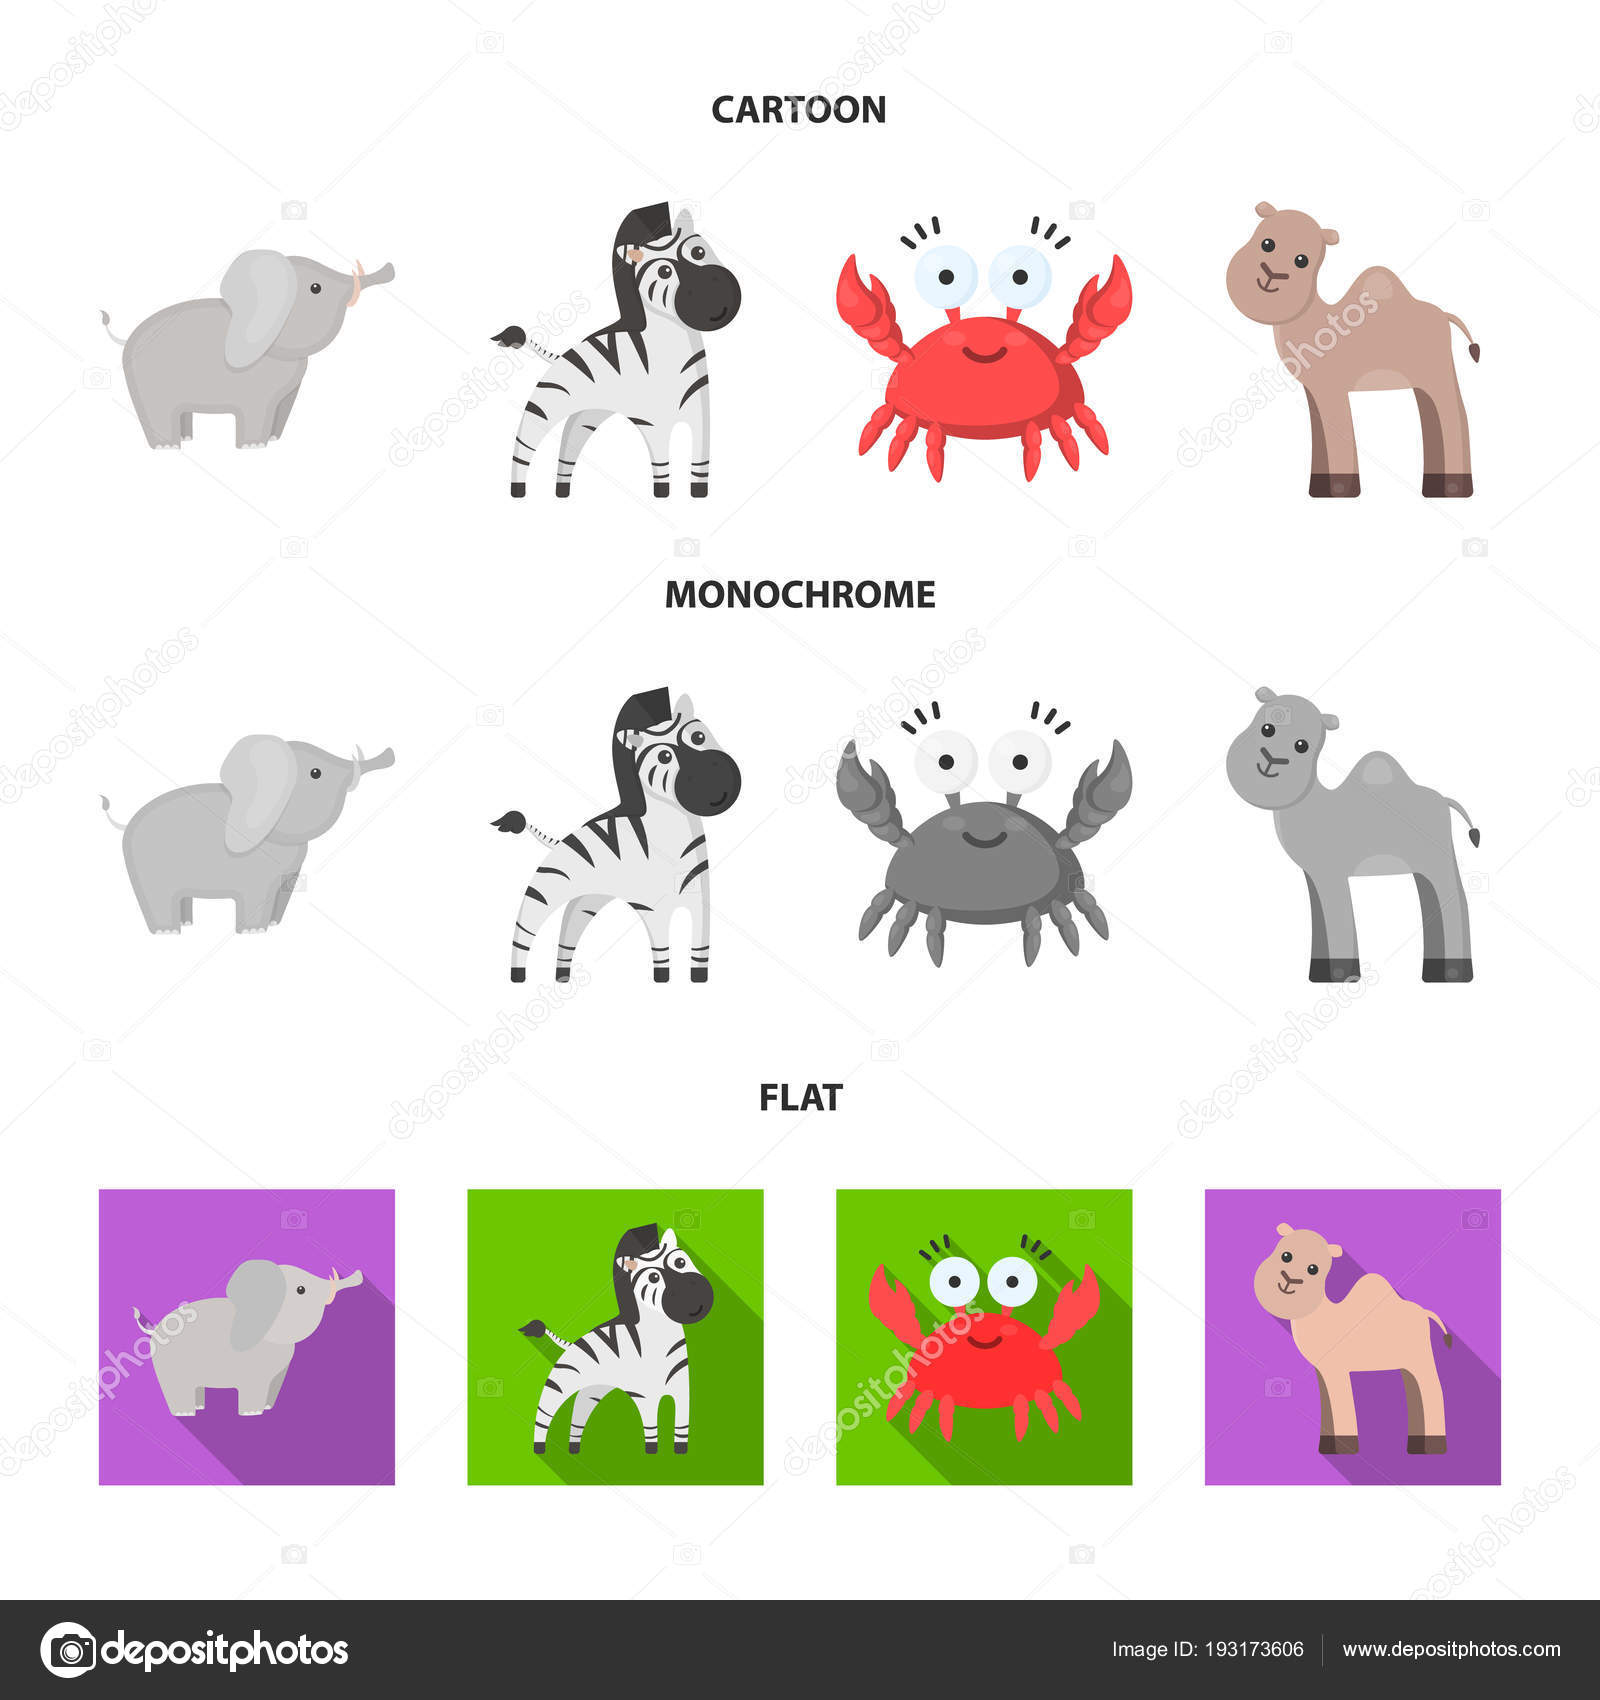 Nerealisticke Kreslene Vtipy Plochy Monochromaticky Zvirat Ikony V